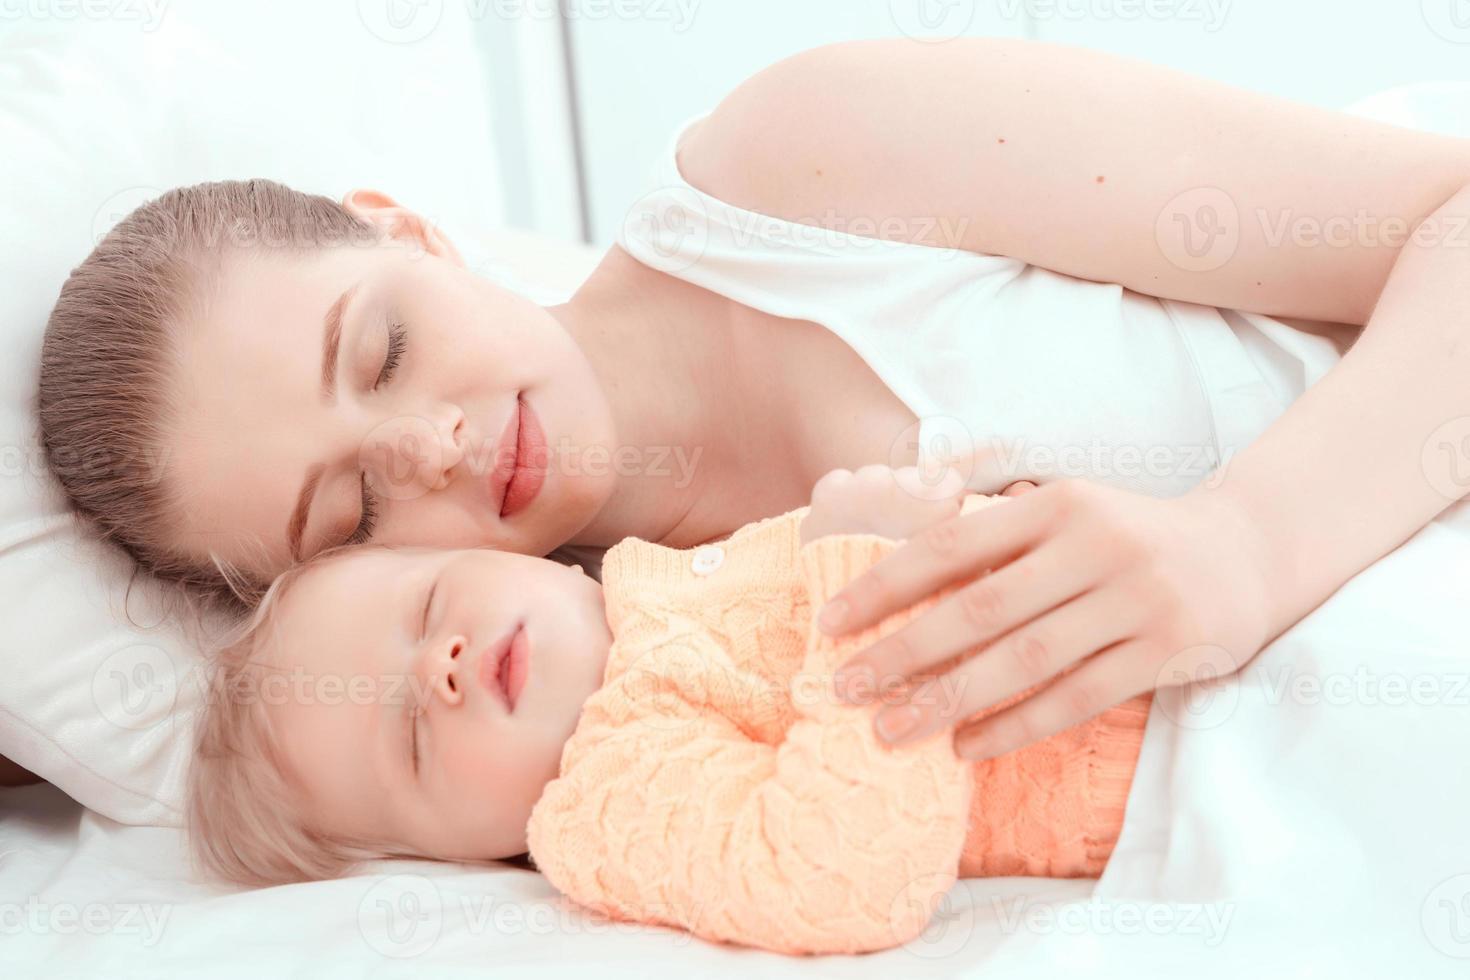 bebé dormido y su madre foto